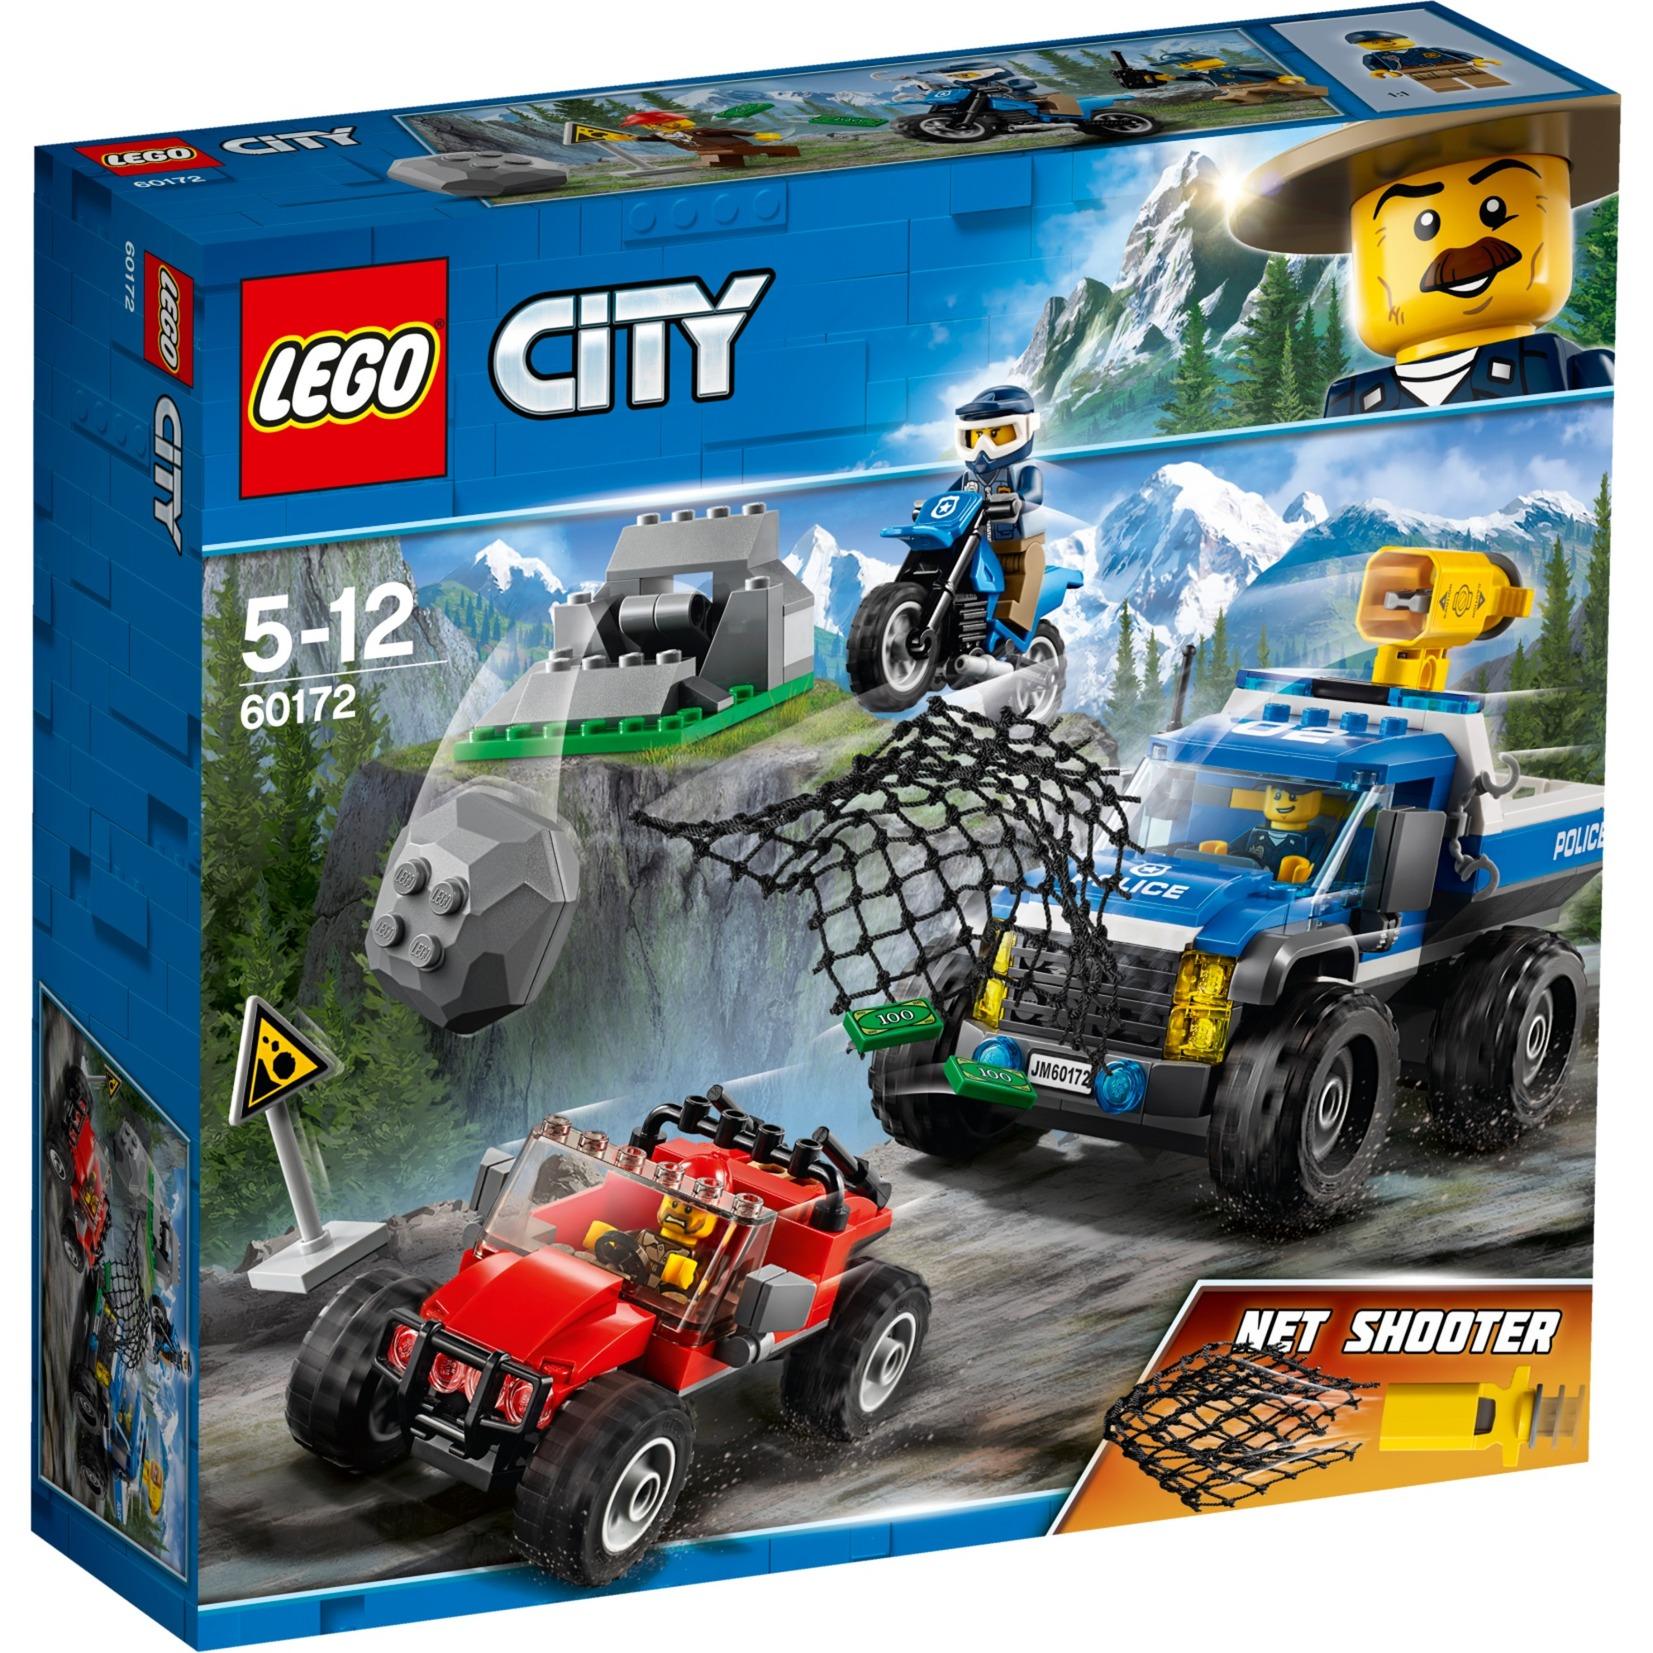 Poursuite En Construction60172 De Course City MontagneJouets La nOm0v8PwyN